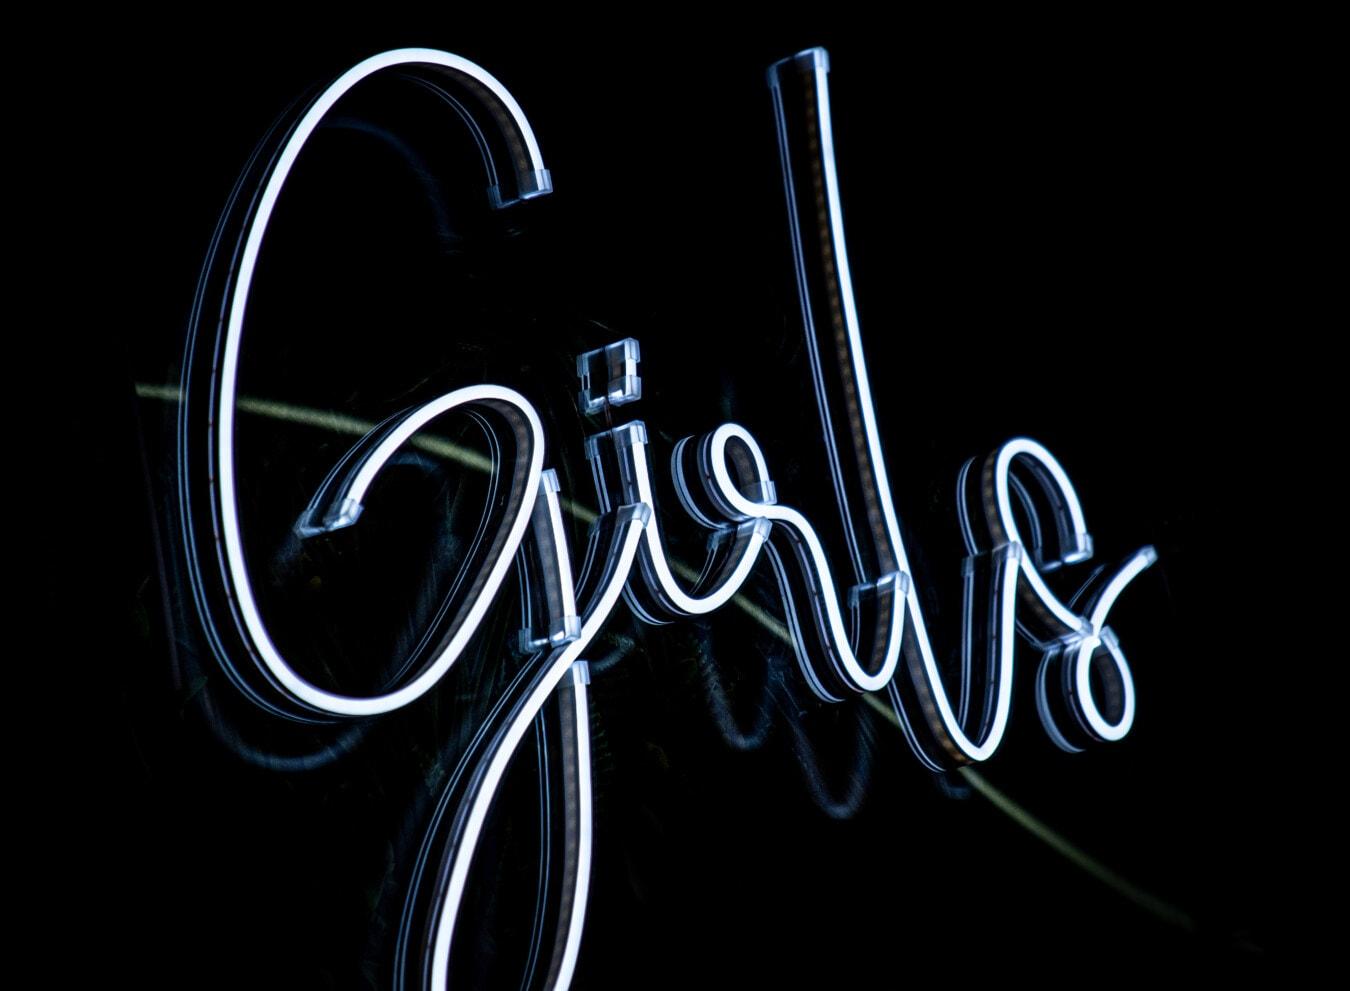 signe, Néon, bleu, brillant, commercialisation, La publicité, typographie, symbole, conception, illustration